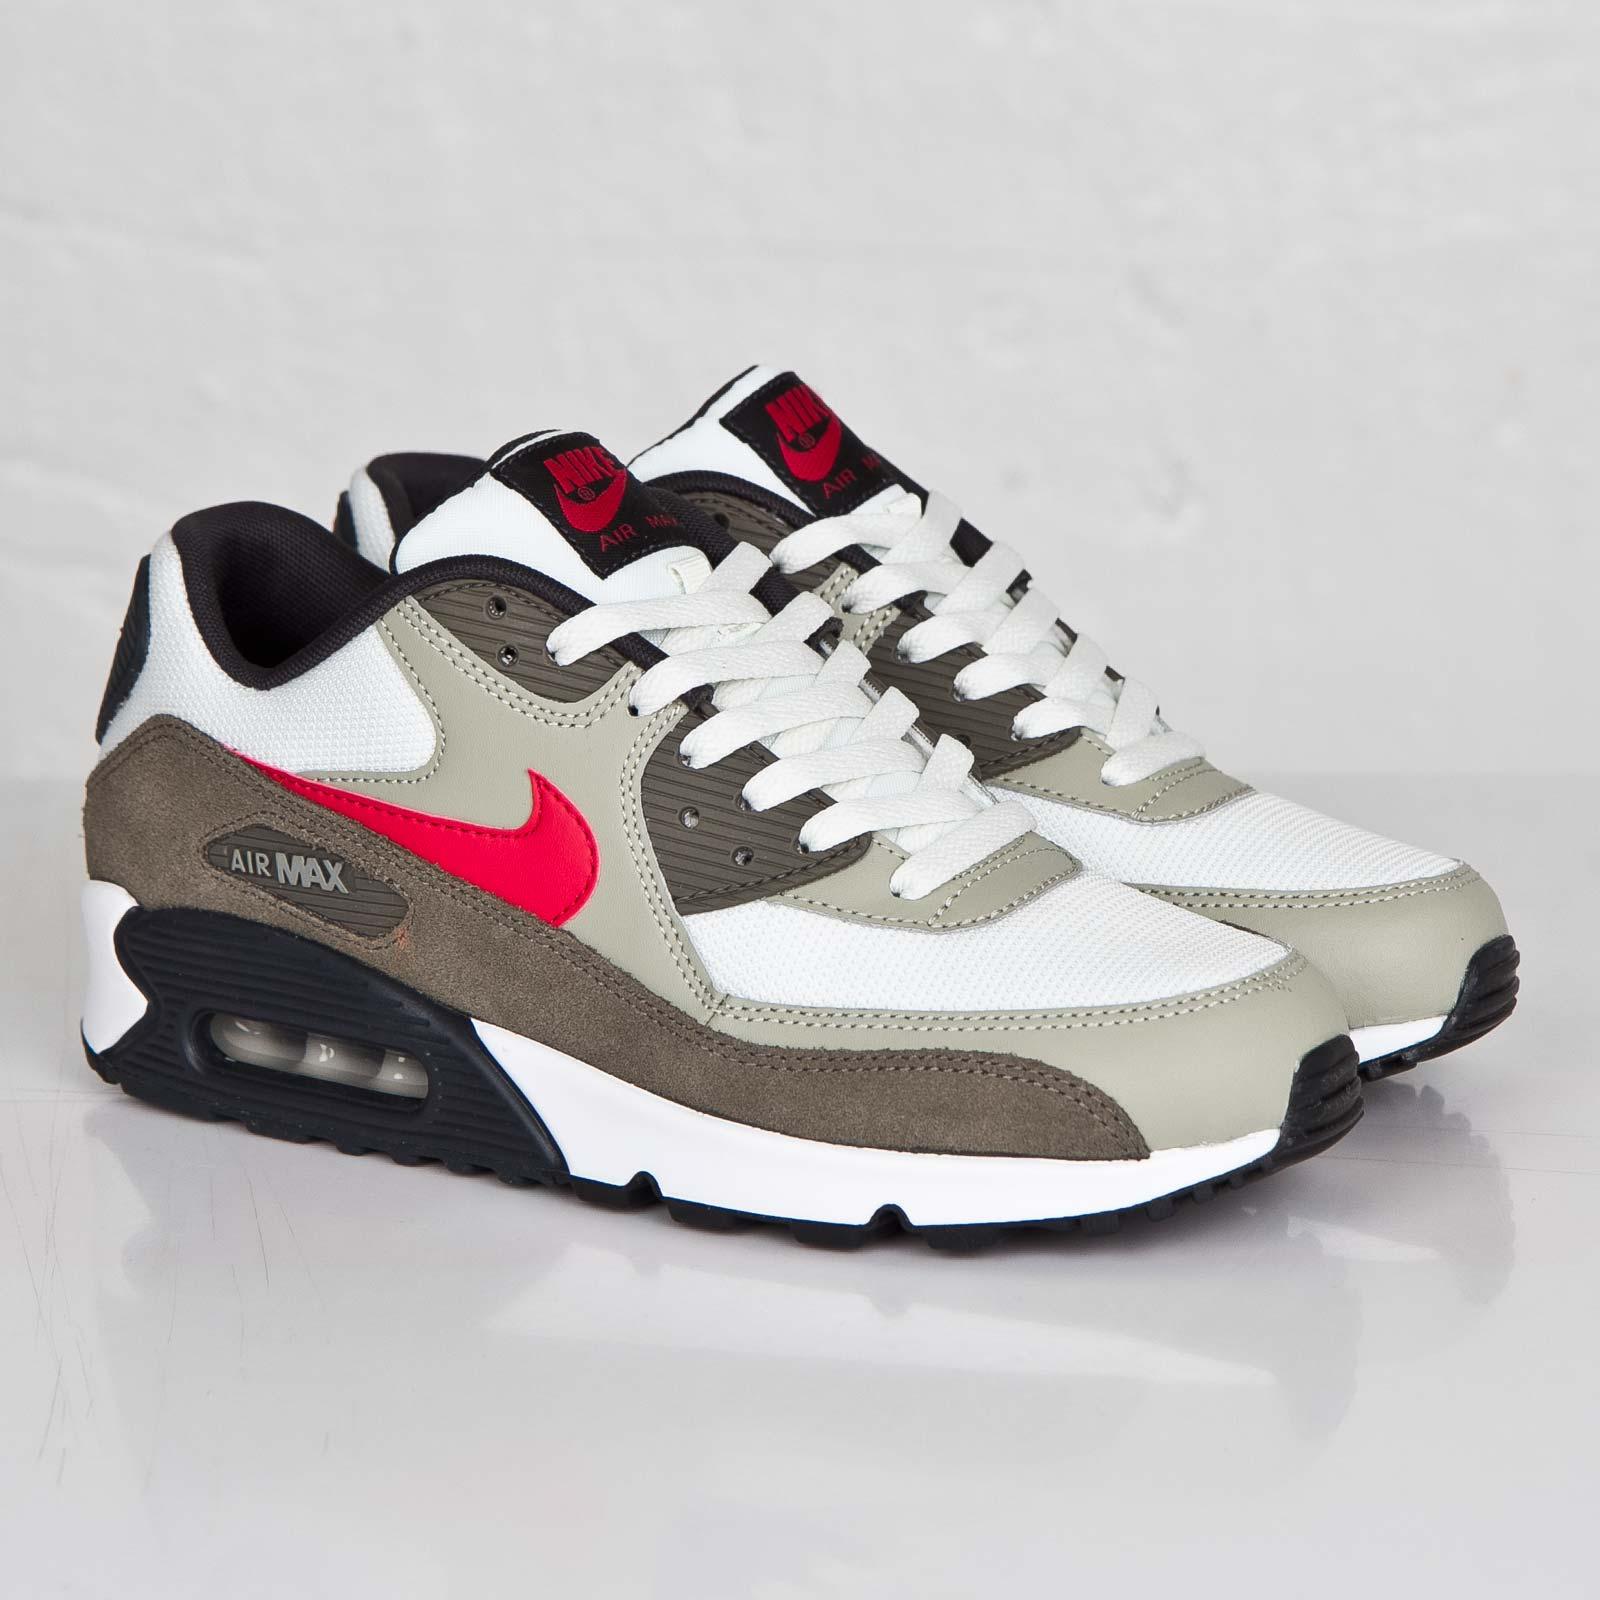 Nike Air Max 90 Essential 537384 119 Sneakersnstuff